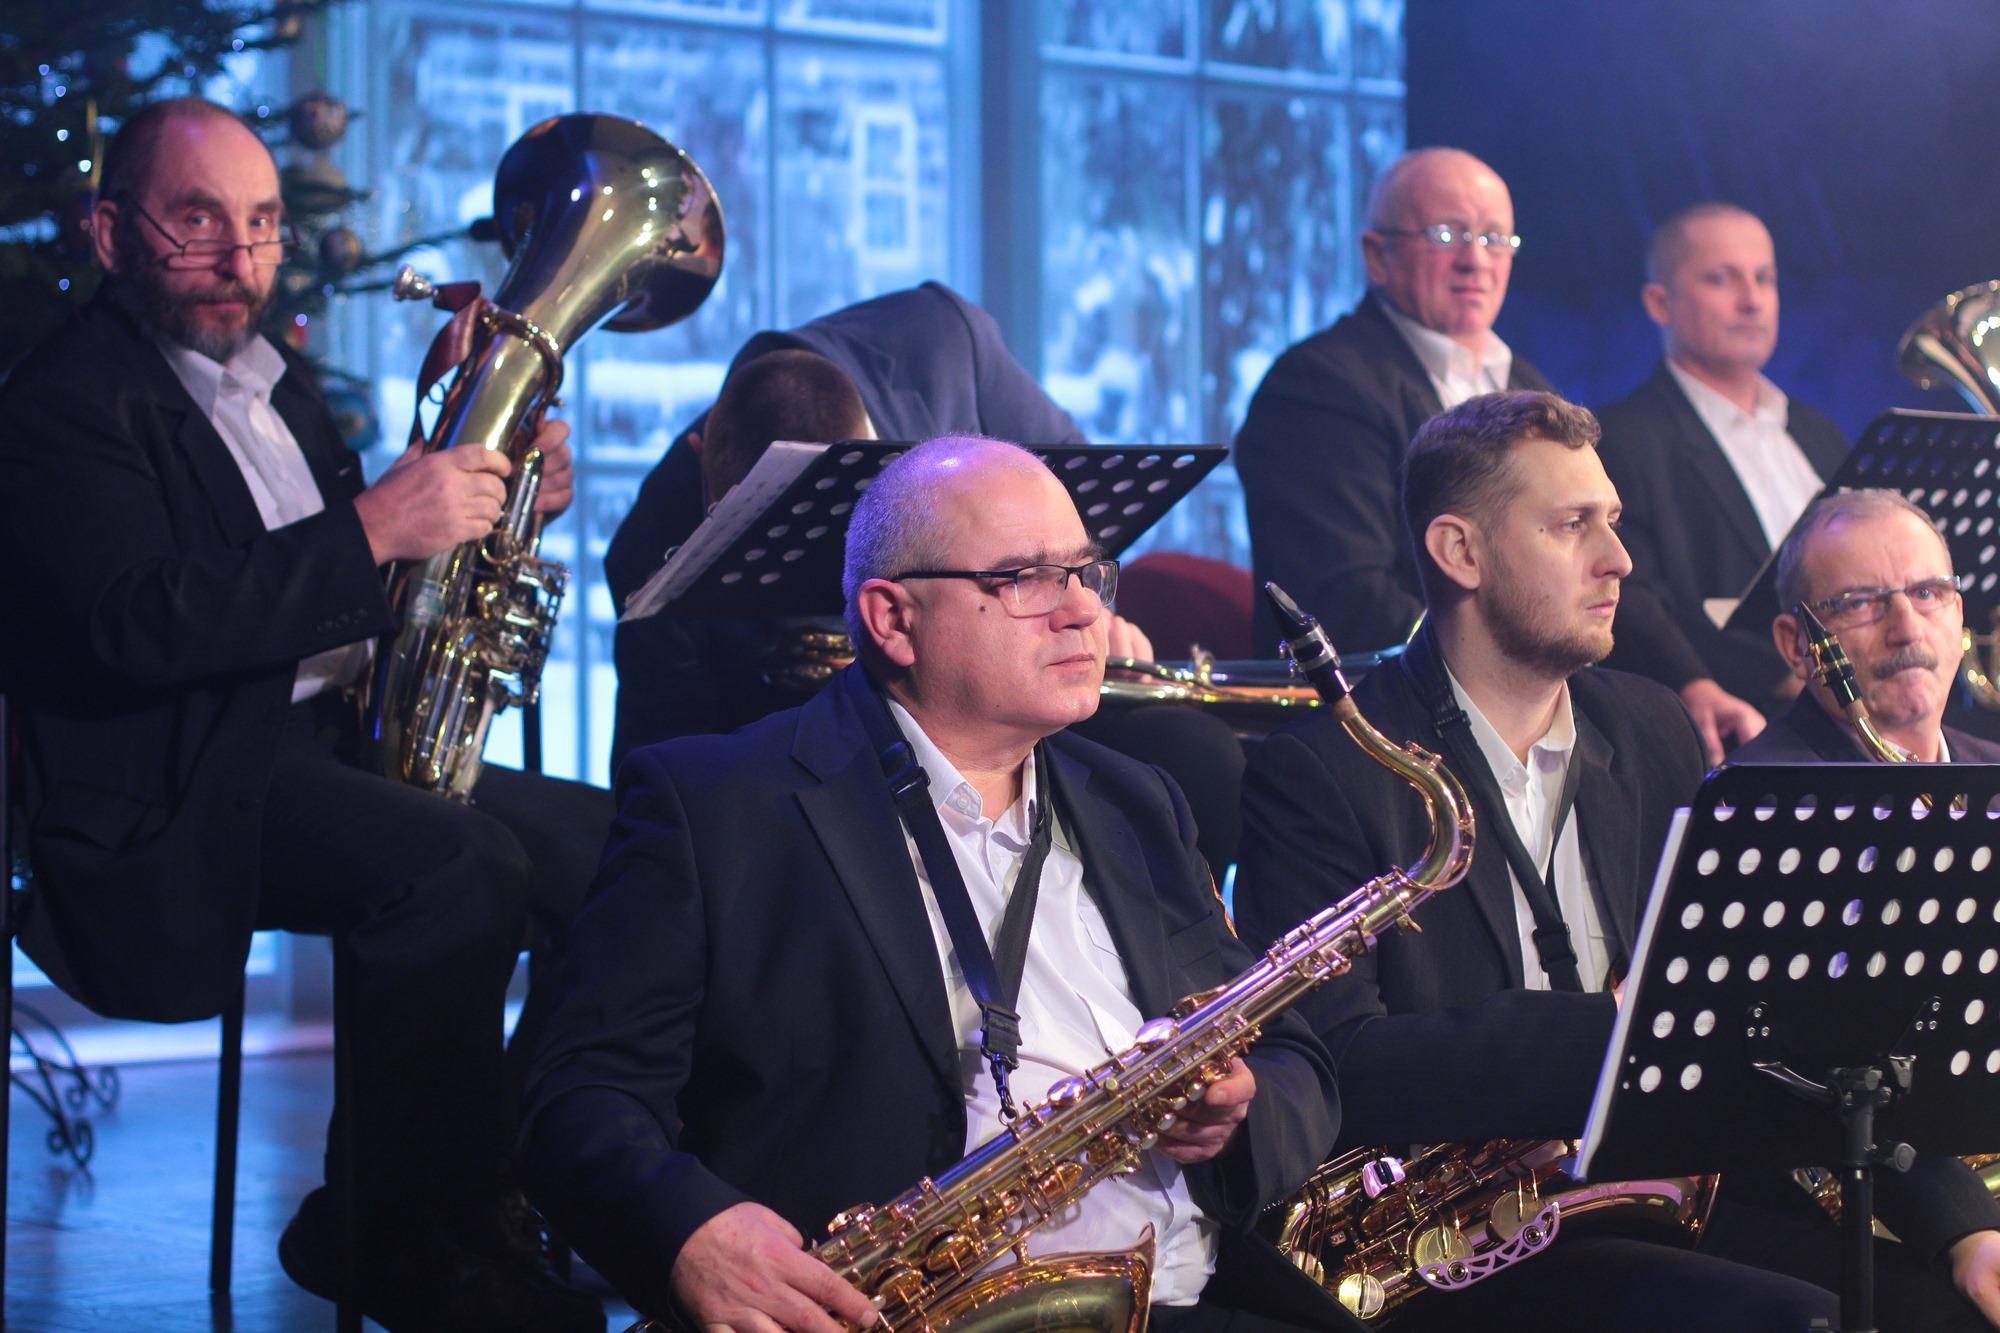 Kolędowanie z Łukowską Orkiestrą Dętą on-line (GALERIA) - Zdjęcie główne